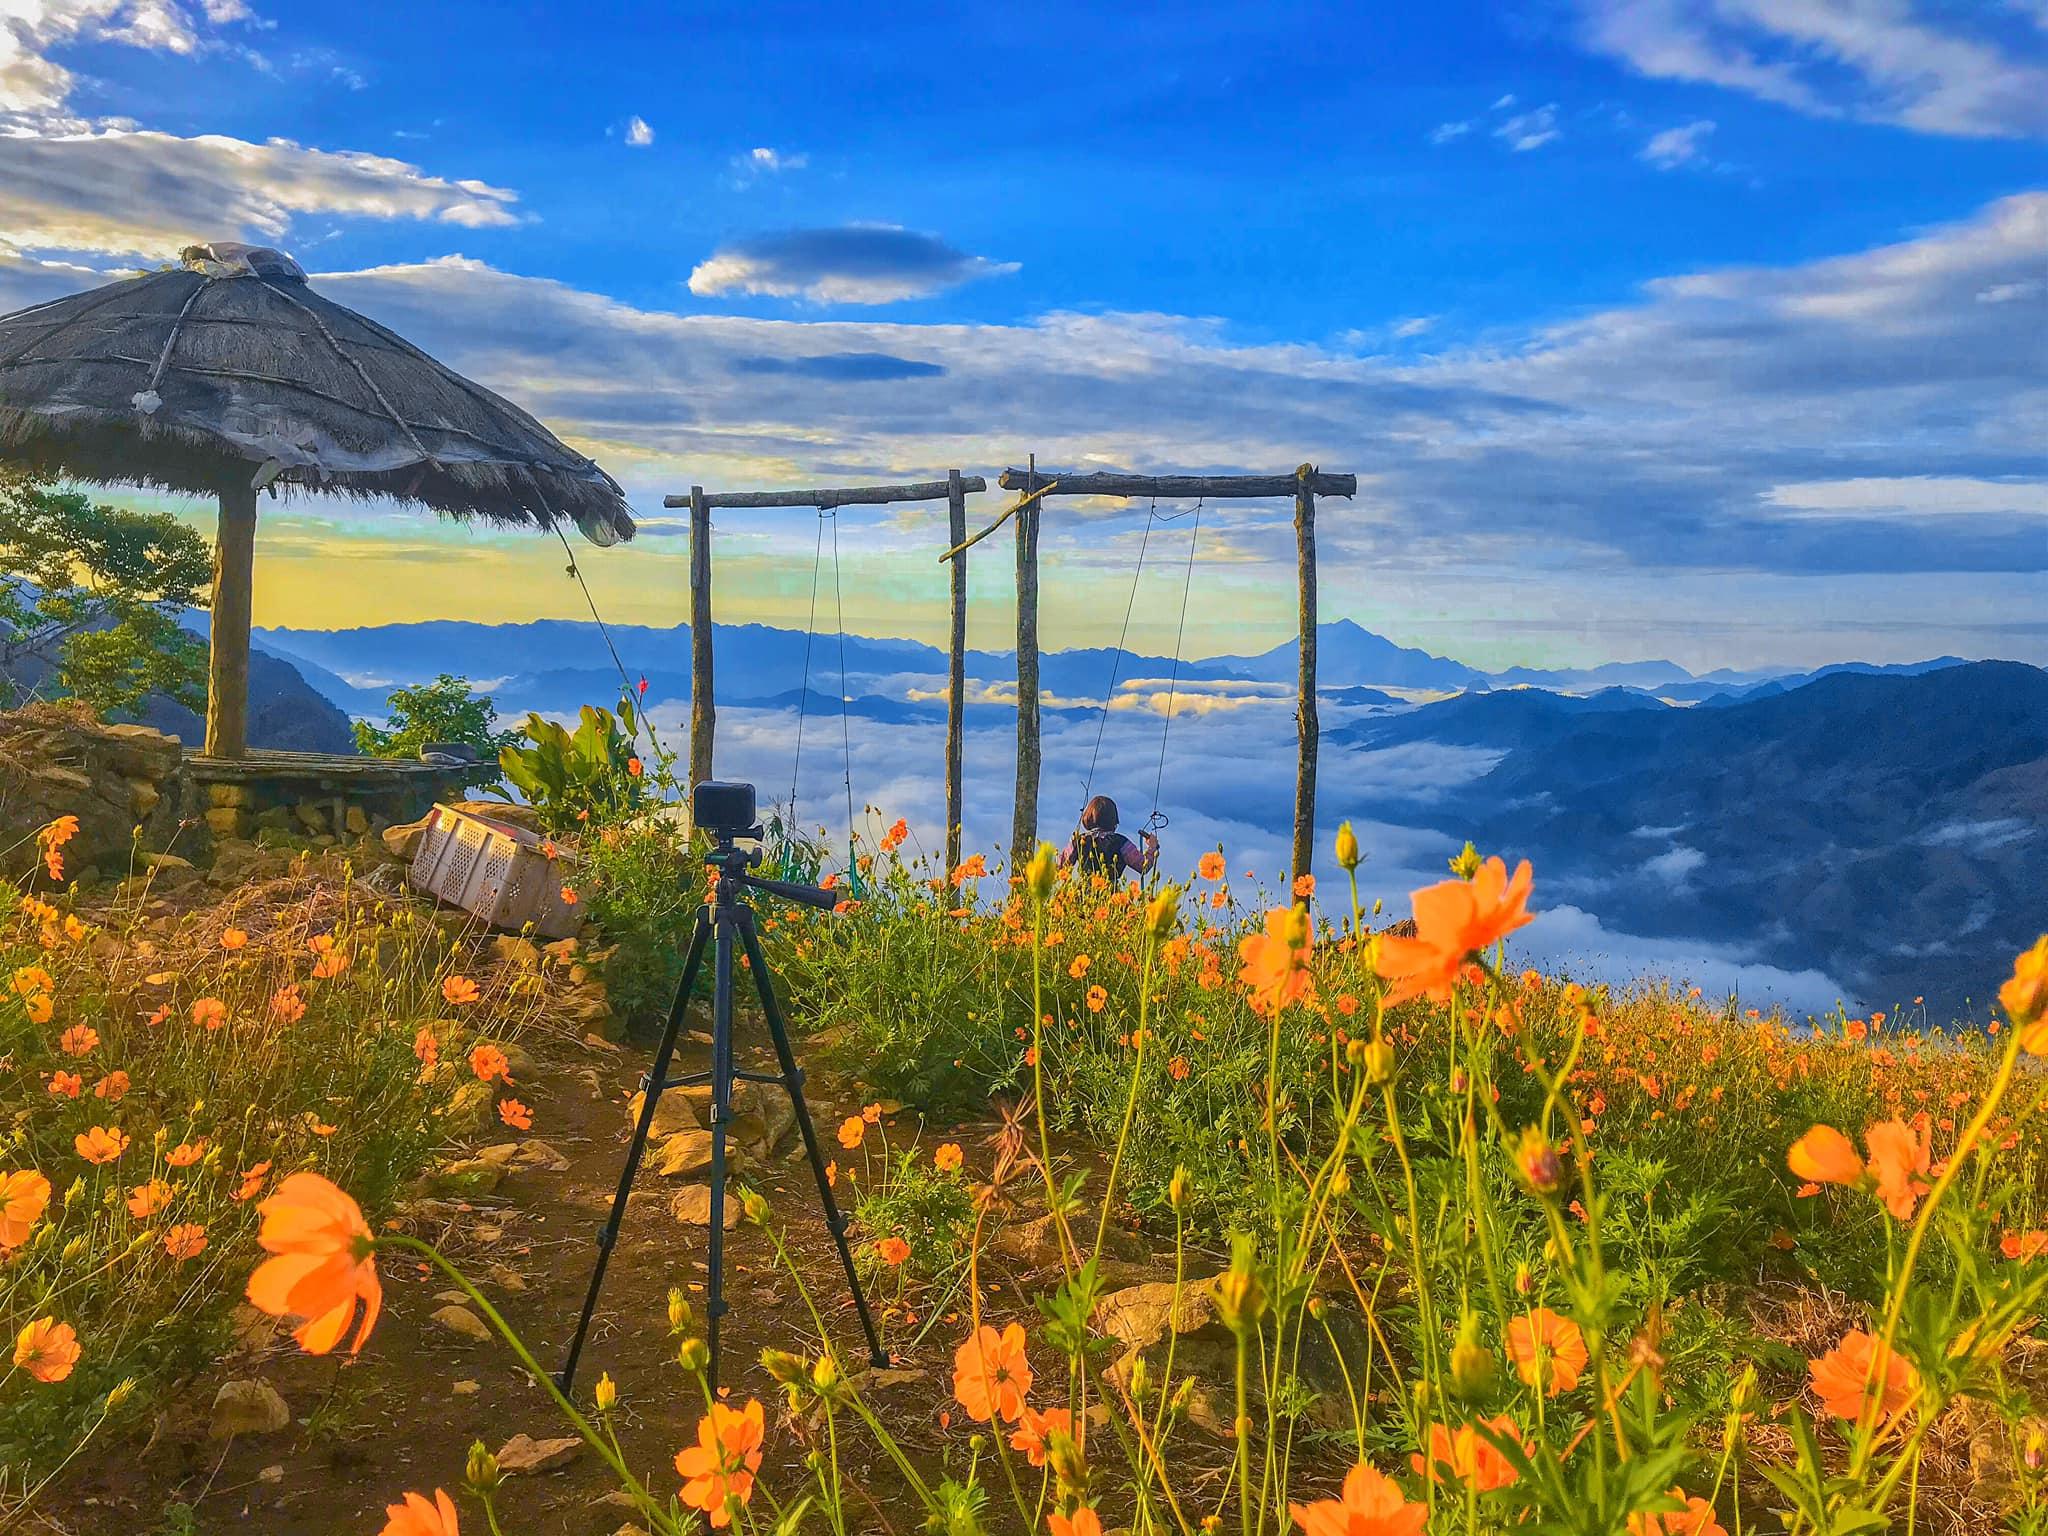 Lạc vào cánh đồng hoa dại nằm giữa biển mây đẹp tựa cổ tích ở Mai Châu